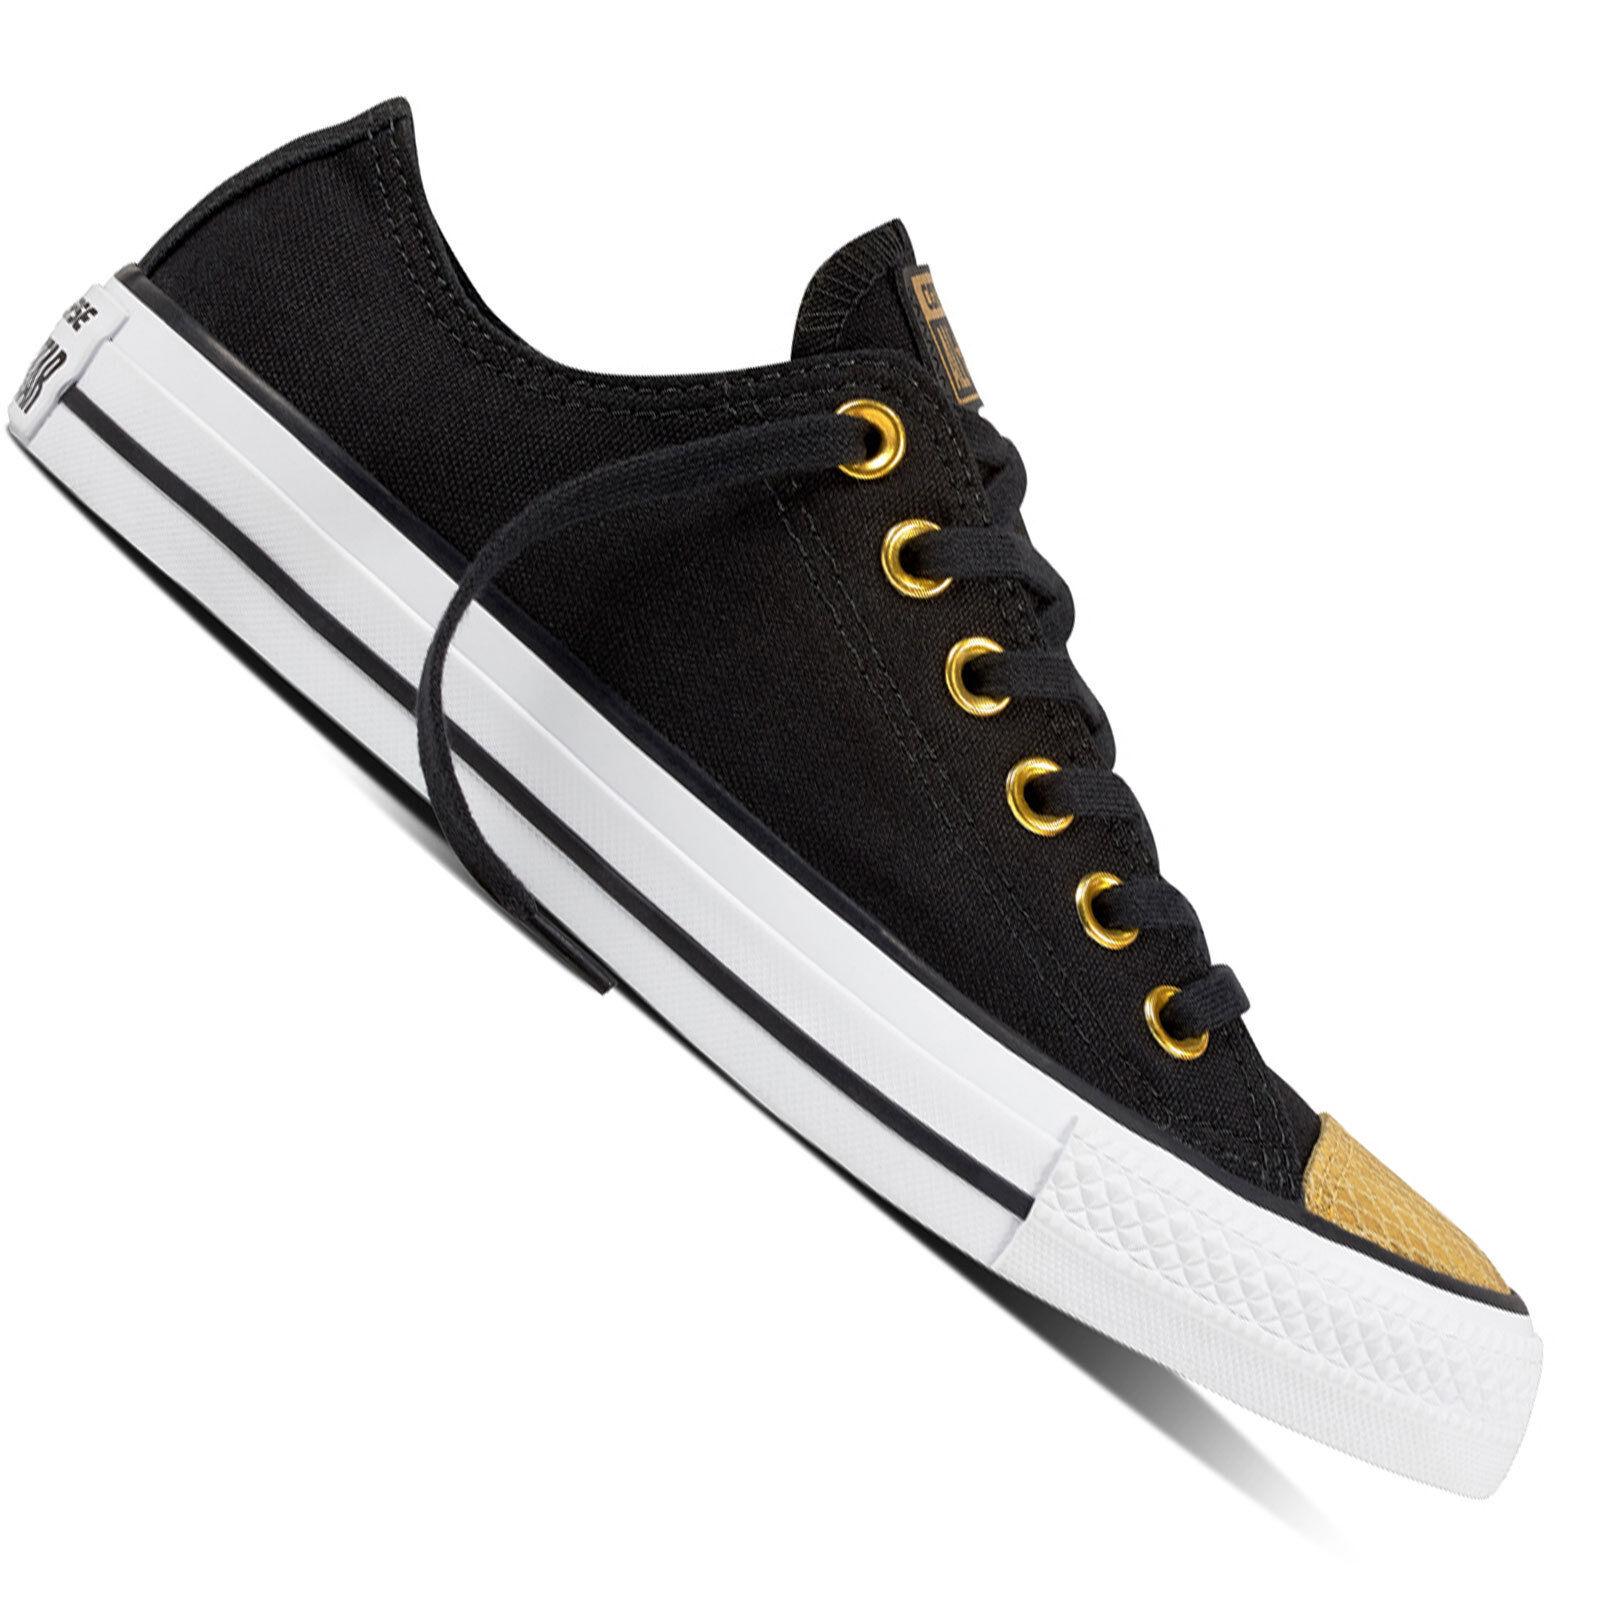 Converse Chuck Chuck Chuck Taylor All Star Ox Femmes-Sneaker Baskets Metallic Gold Chuck   élégante    Paris    Outlet Online  e2acc1